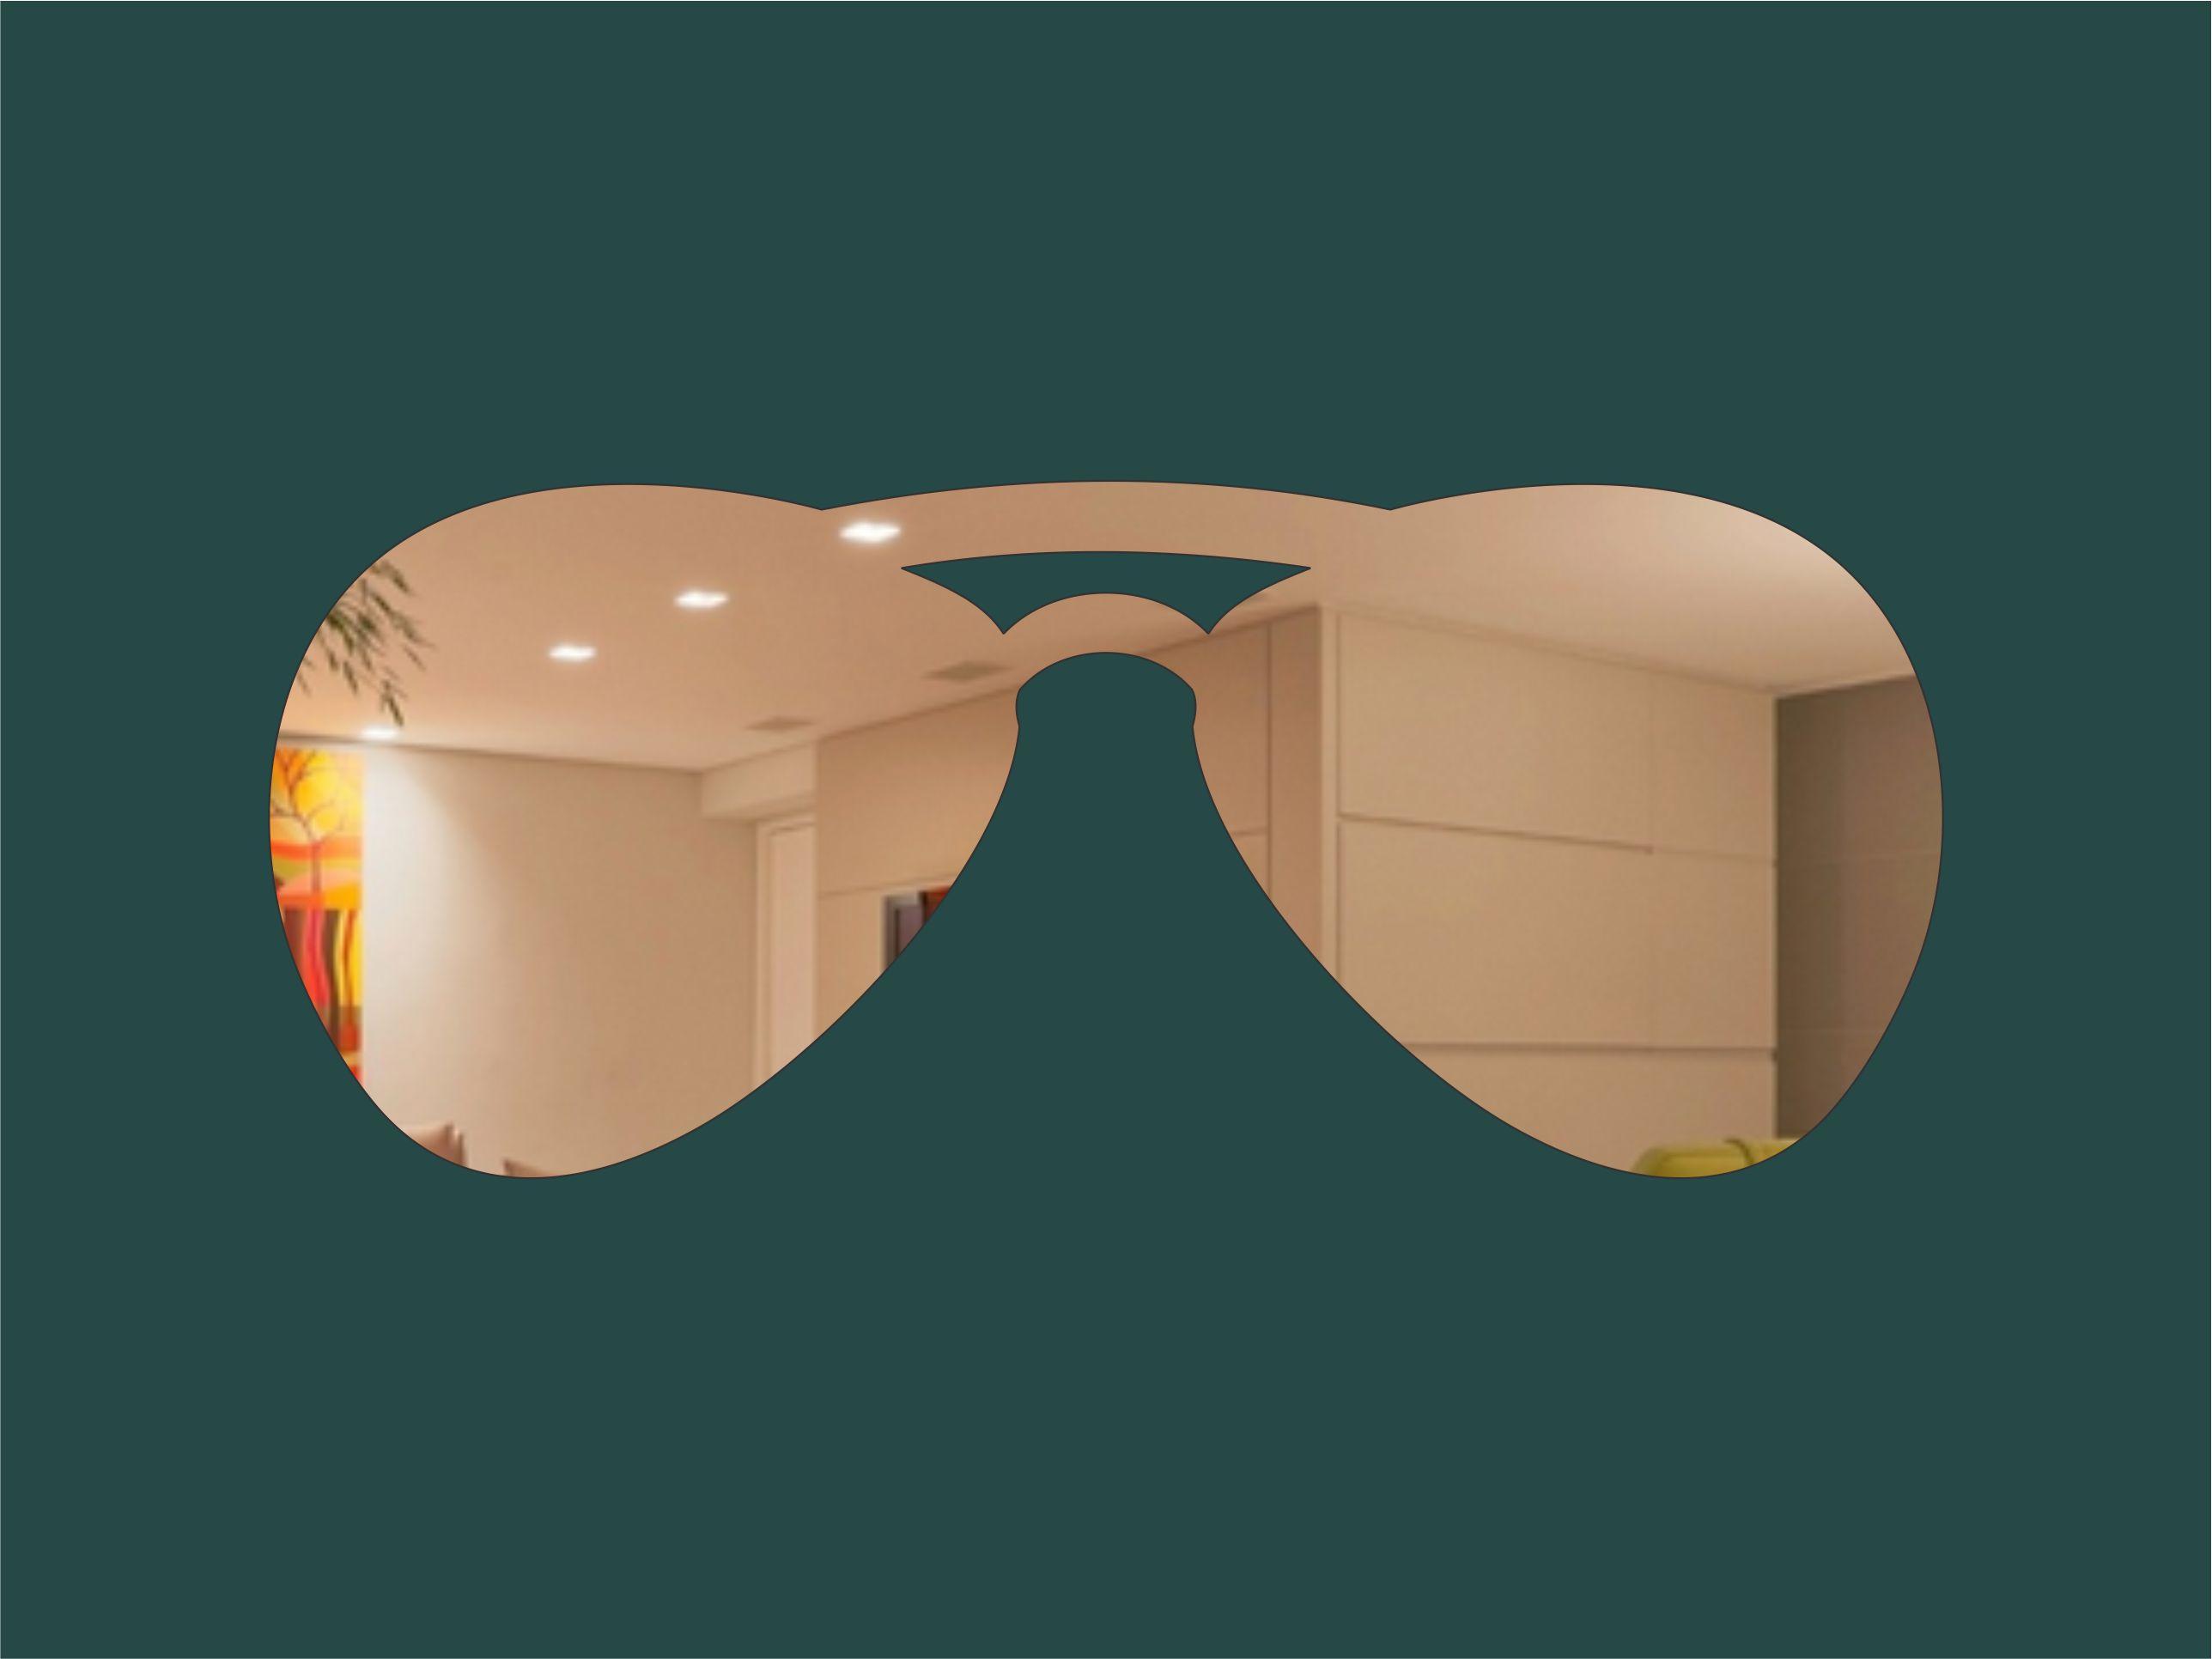 d6af07e395a57 Acrílico Espelhado - Óculos Decorativo no Elo7